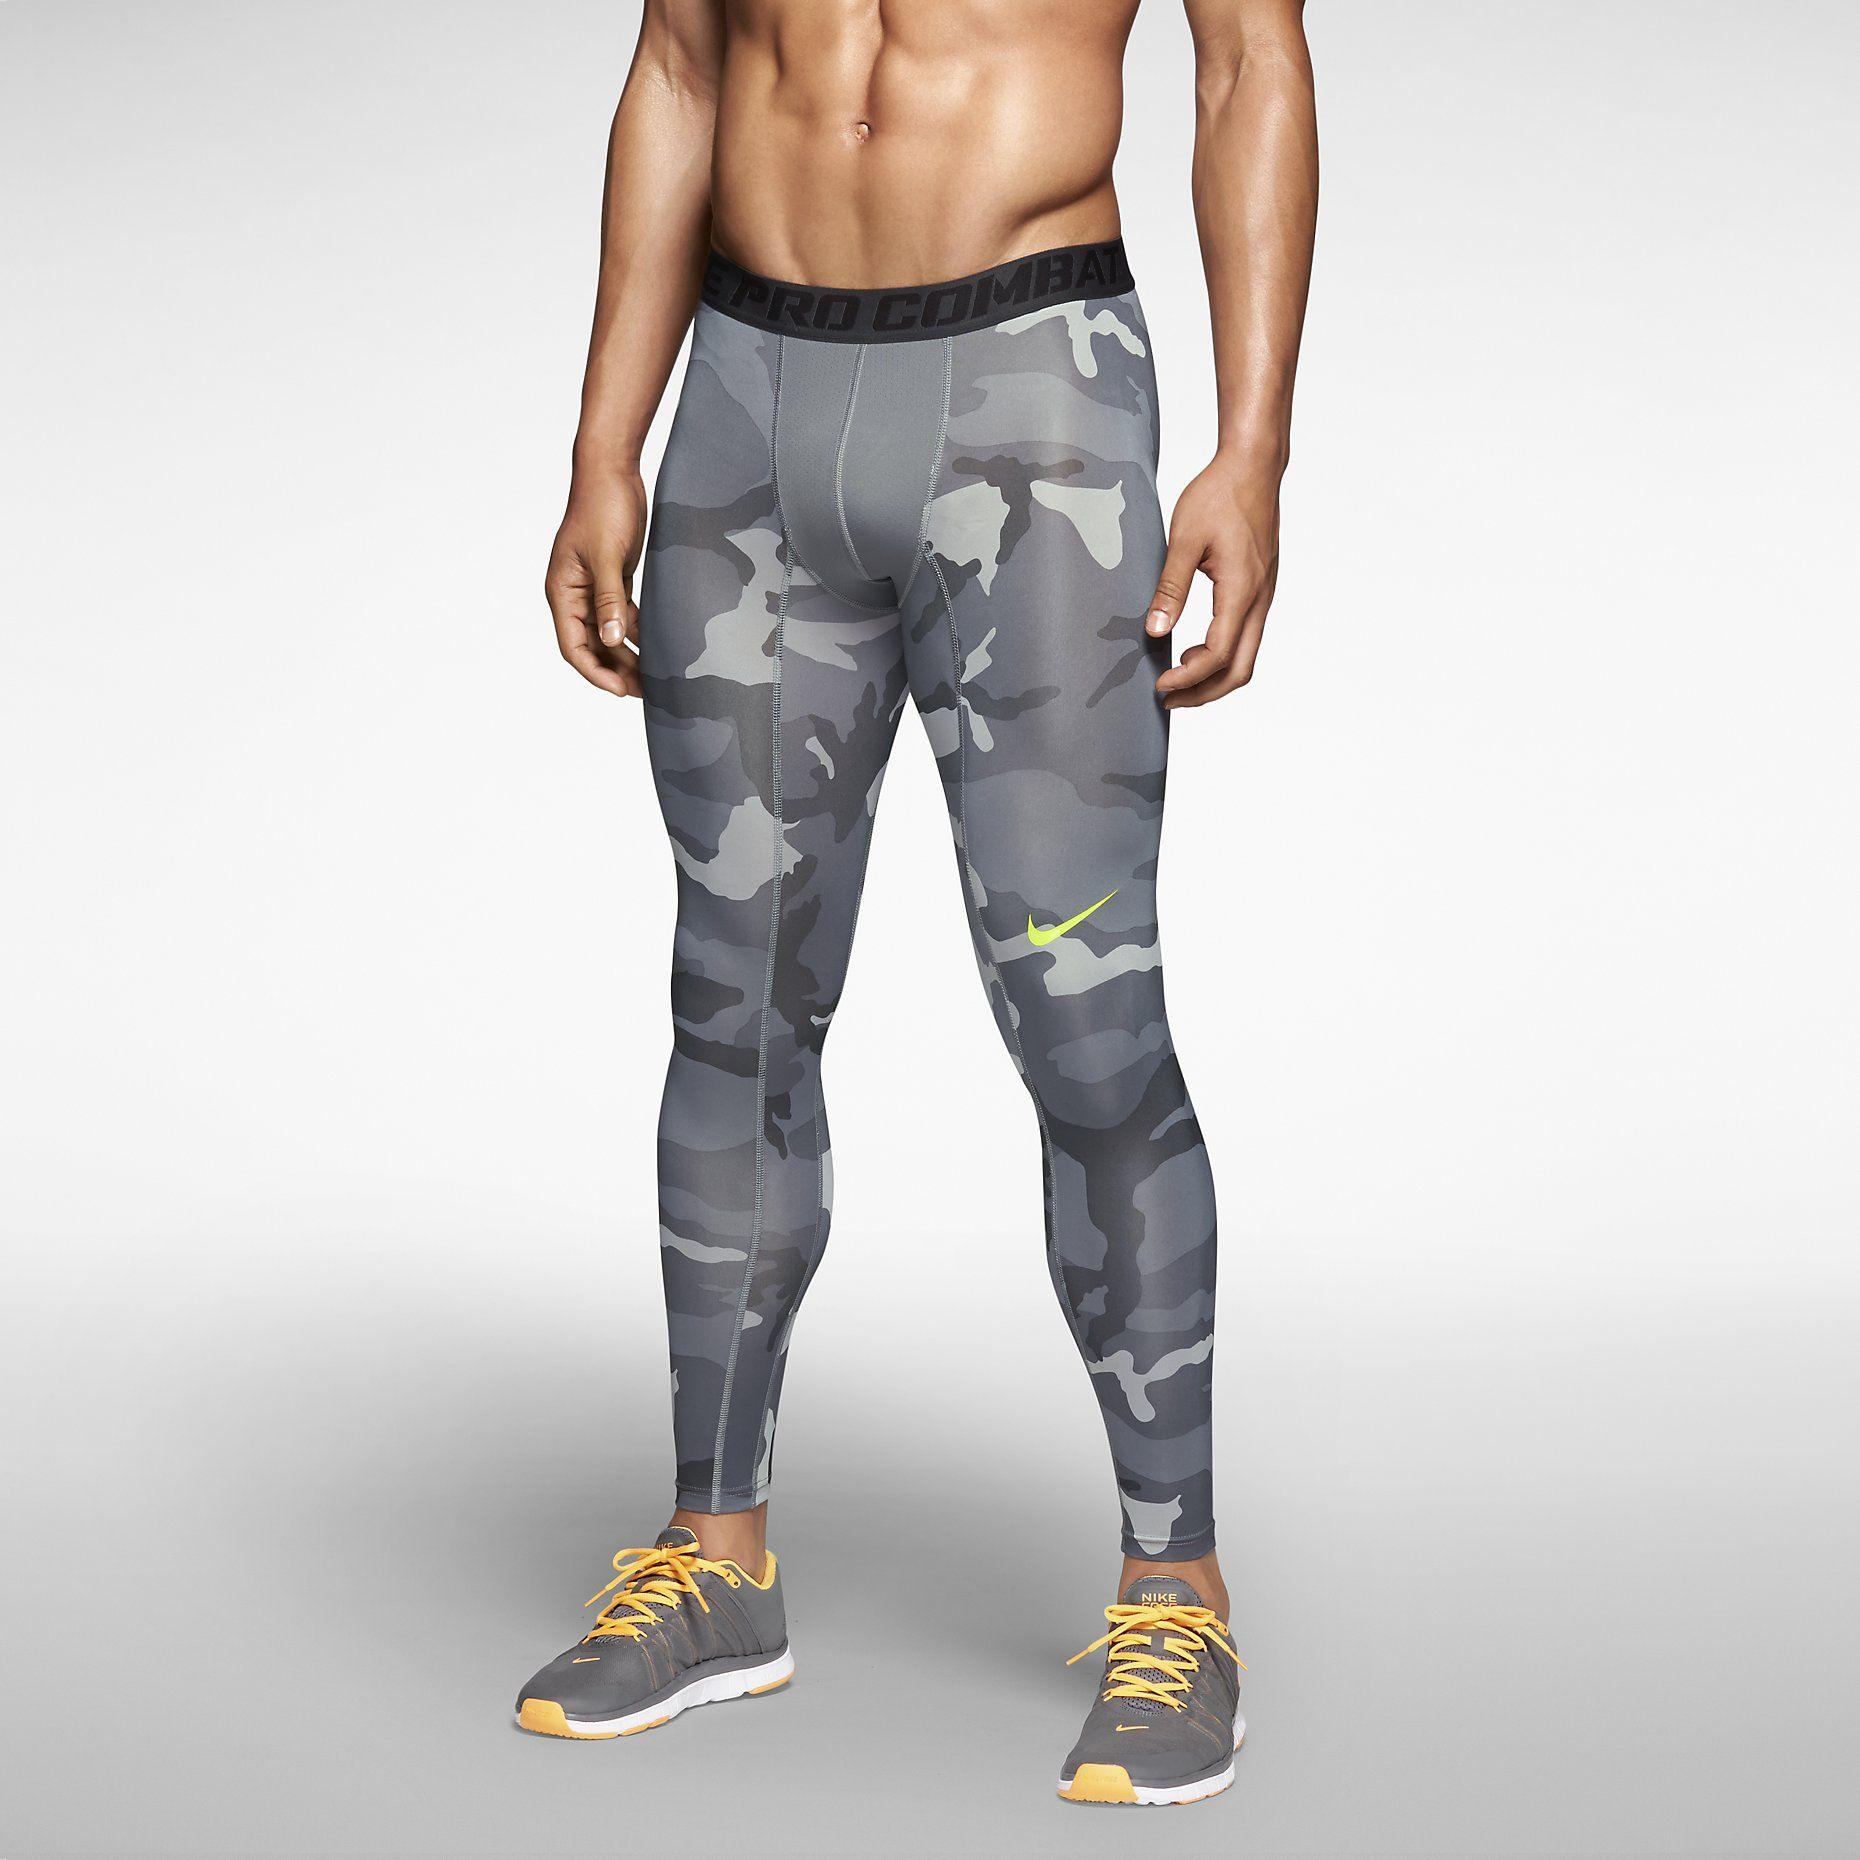 500f3418435 Nike Pro Combat Core Compression Camo Men s Tights. Nike Store ...